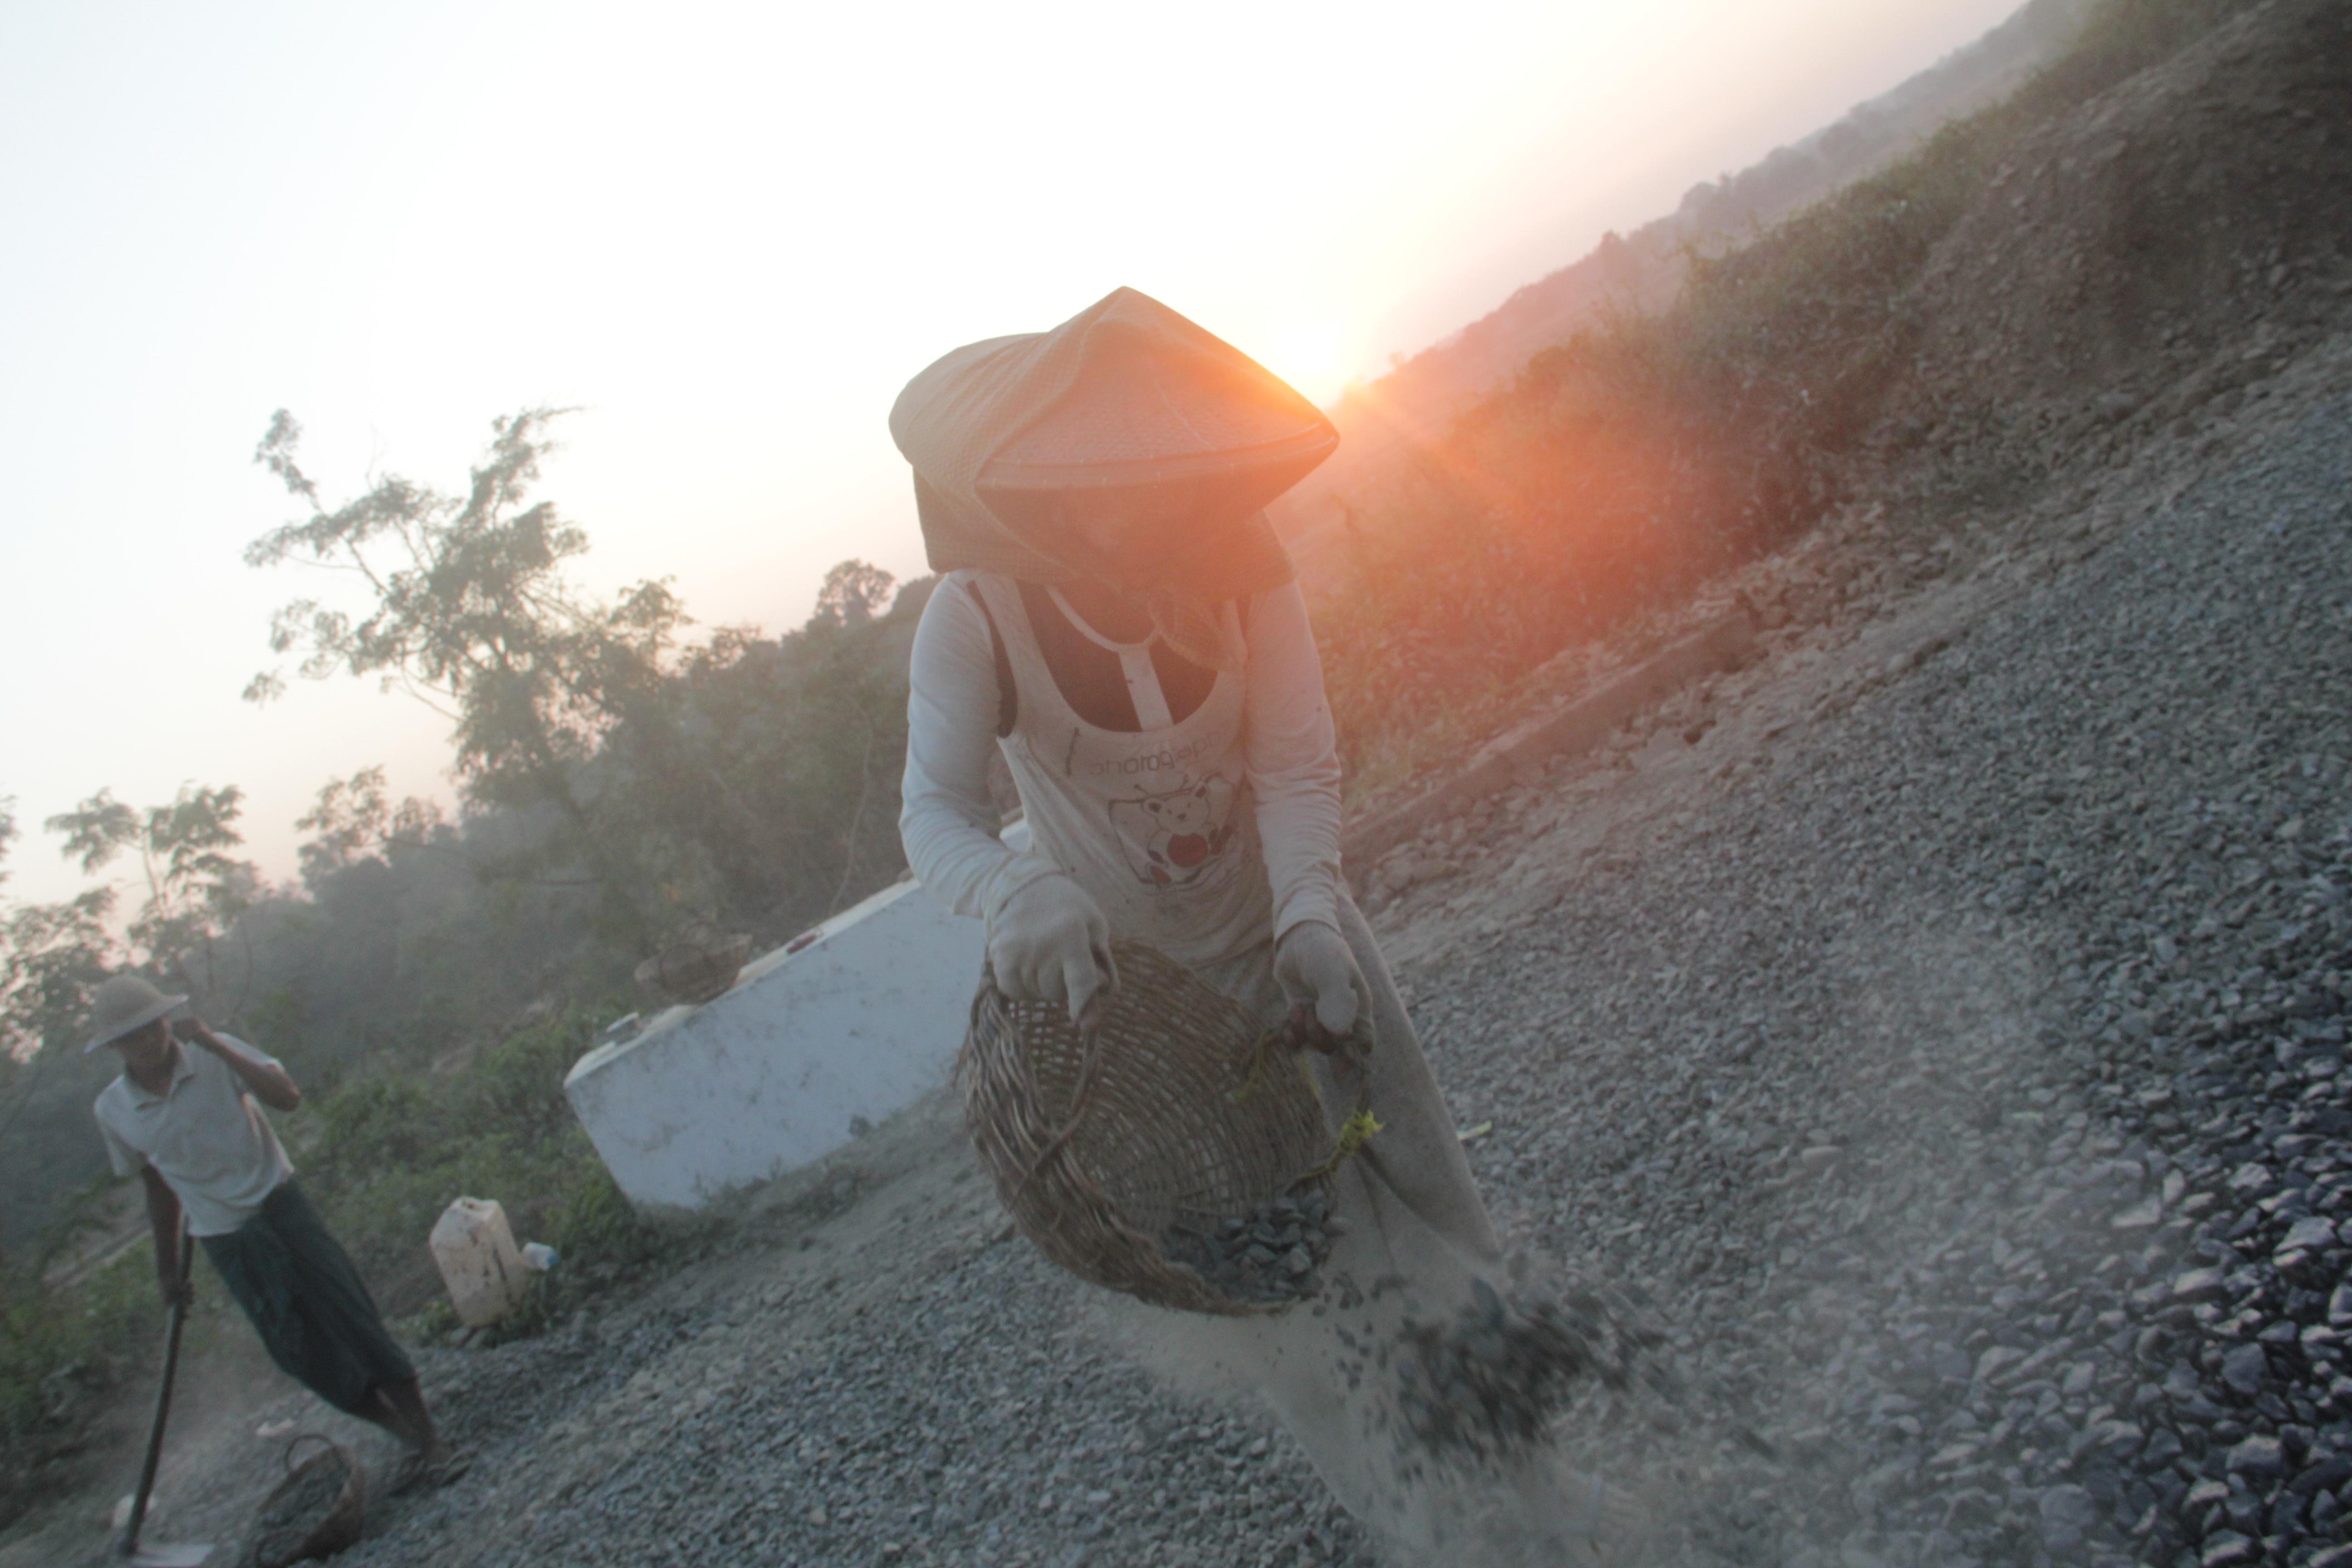 Cette femme s'affaire à étaler des cailloux sur la route pour la goudronner (©Jérôme Decoster).